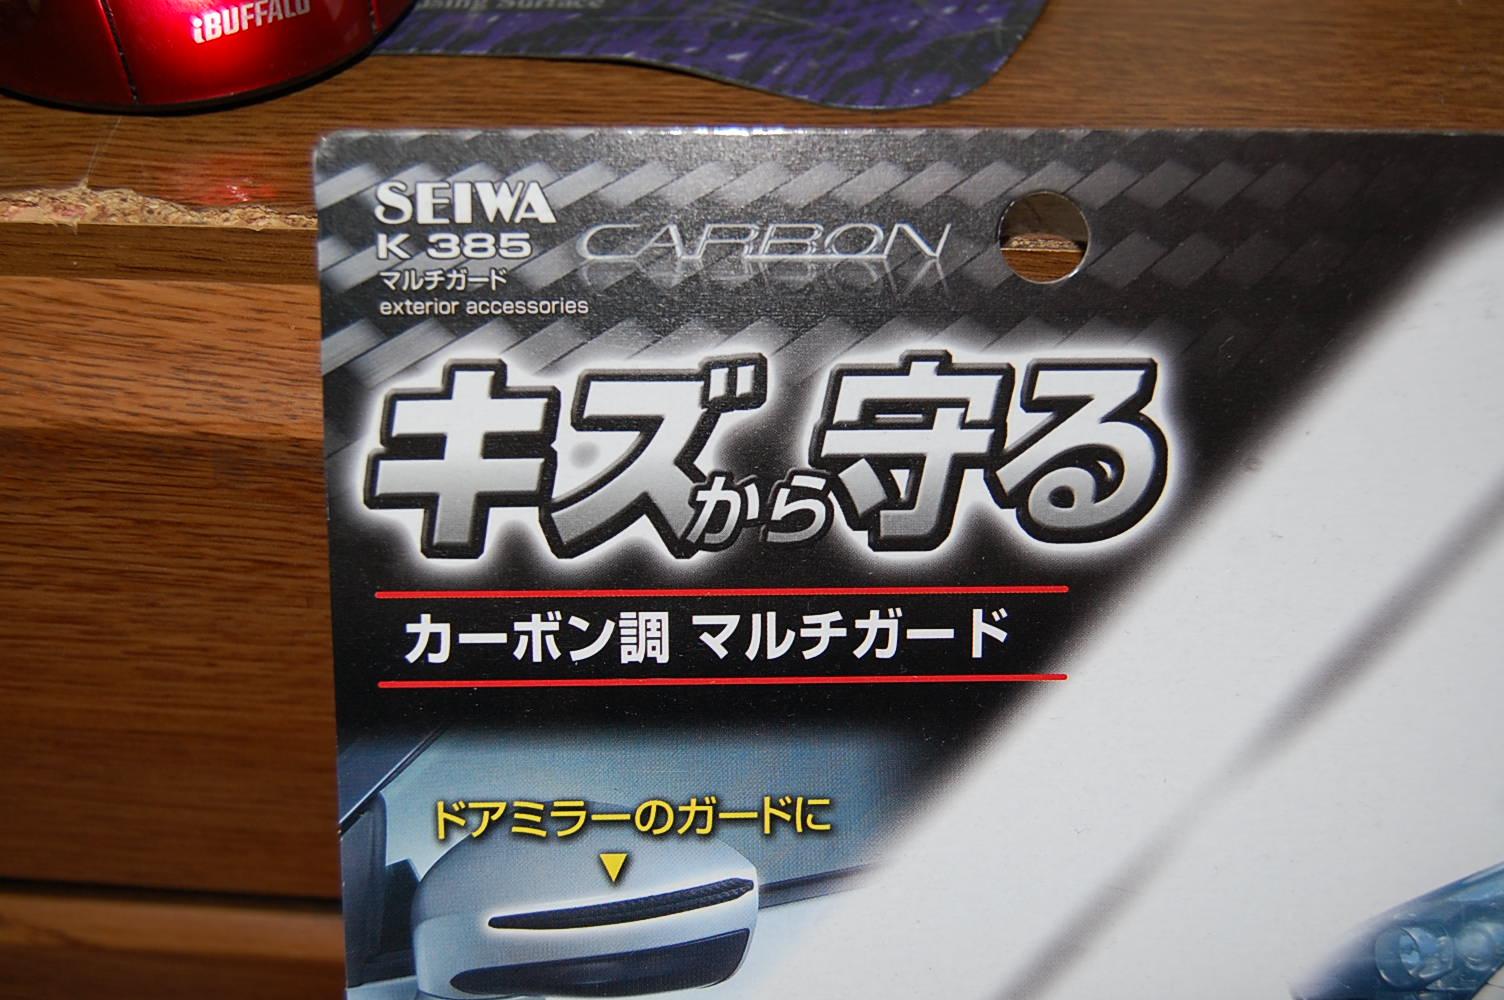 VAG WRX S4 フロントバンパー下部 ボルテックスジェネレーター取り付け